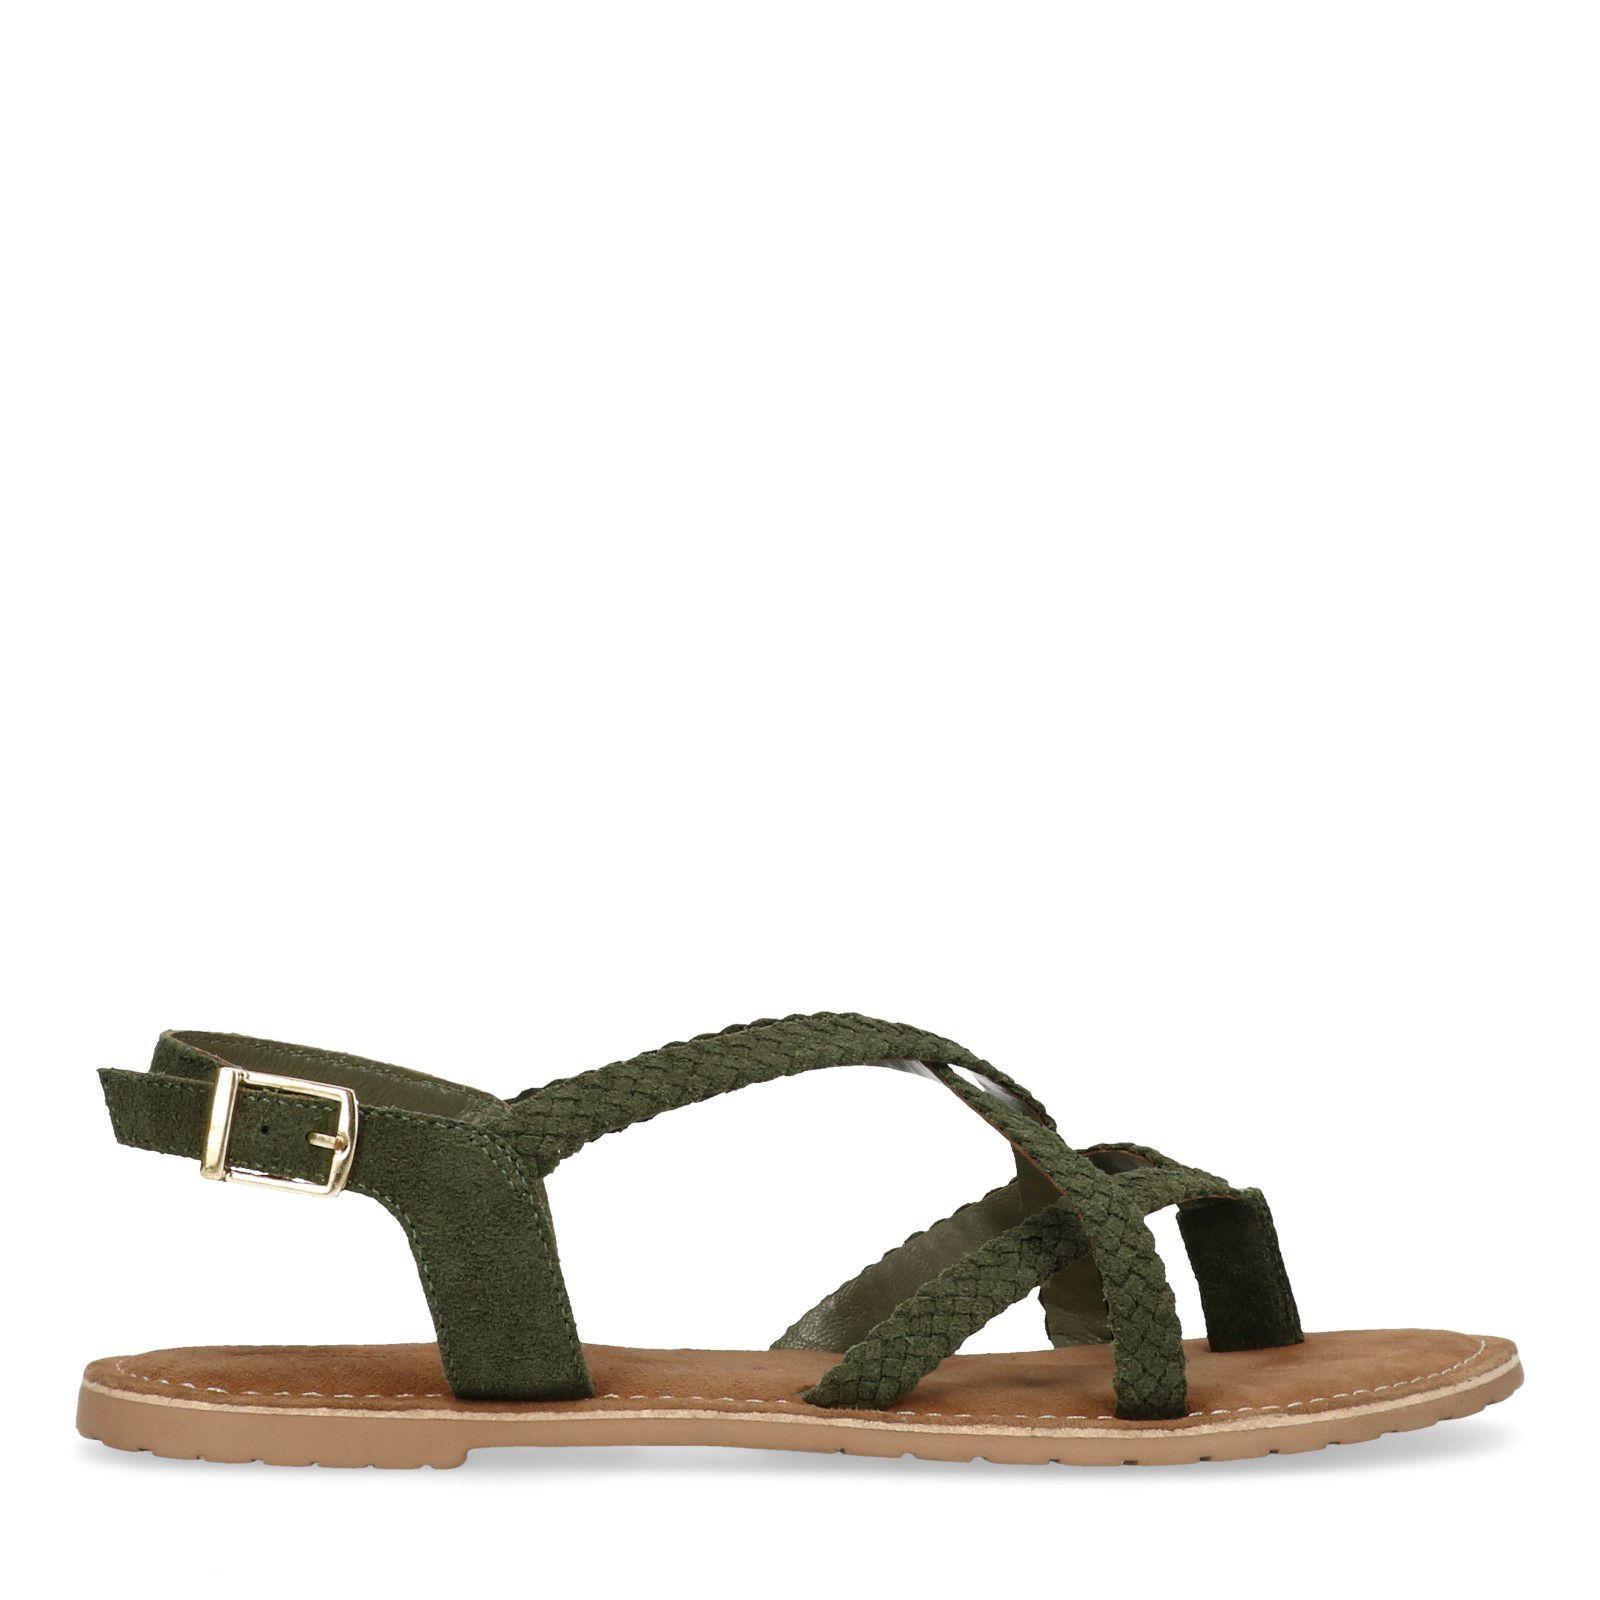 Grüne Sandalen mit geflochtenen Riemchen (36 Rabatt Offizielle Seite Freies Verschiffen Neuestes Bester Verkauf Zum Verkauf Billig Verkauf Bester Verkauf UeiH7rPy